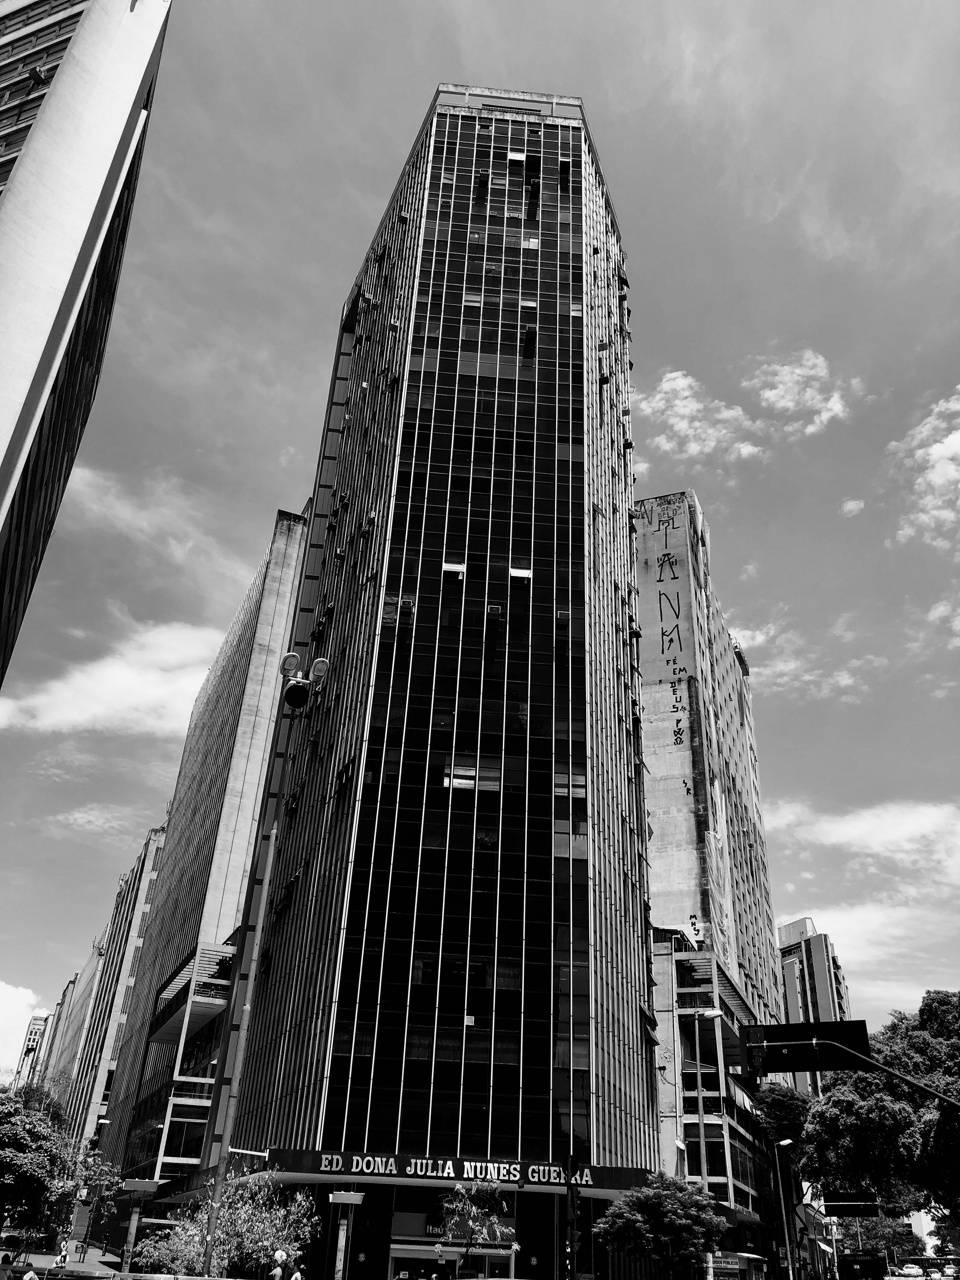 B N W - Building